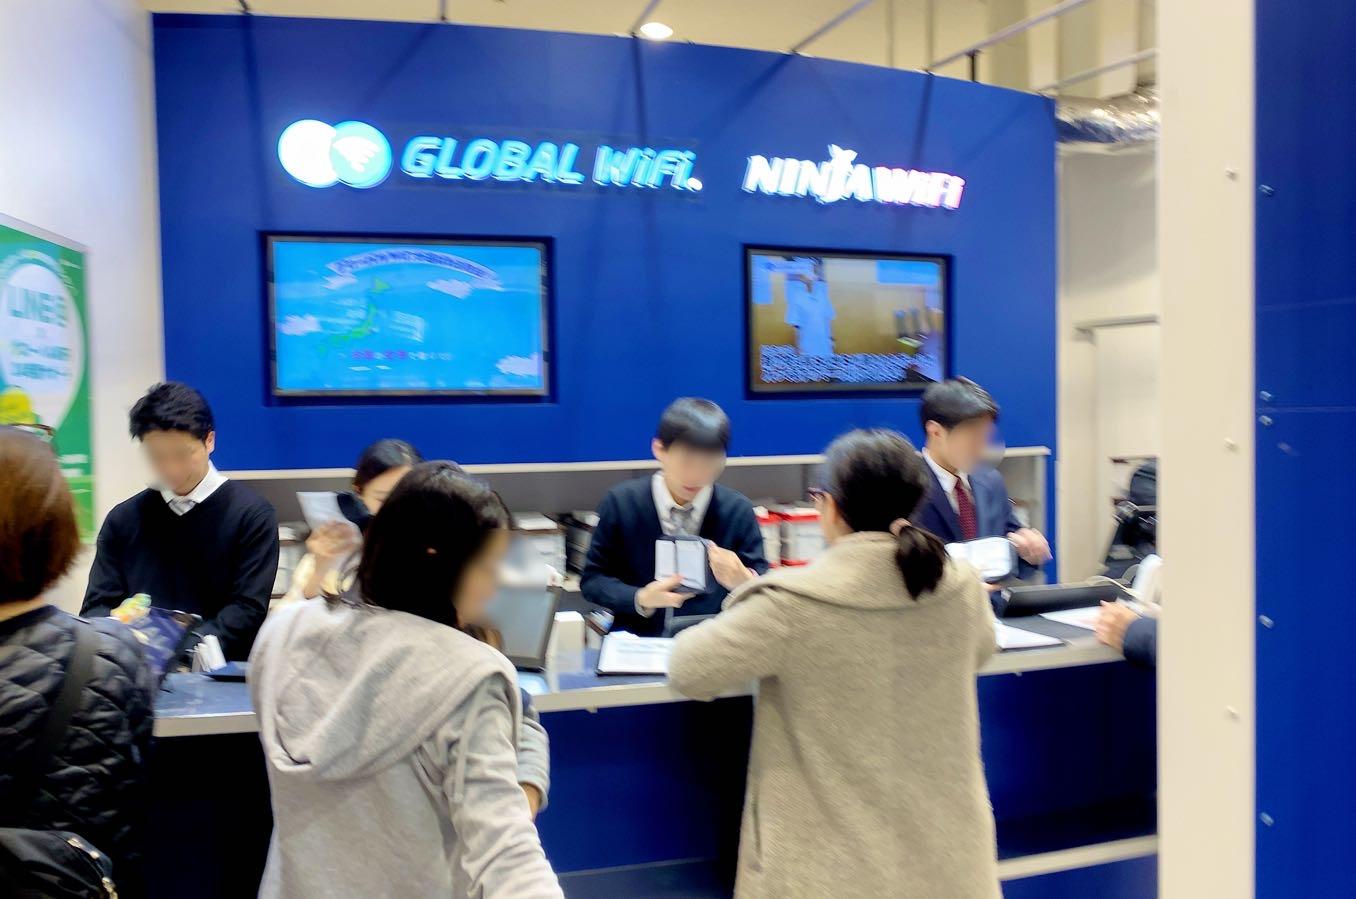 羽田空港にあるグローバルWi-Fiのカウンター